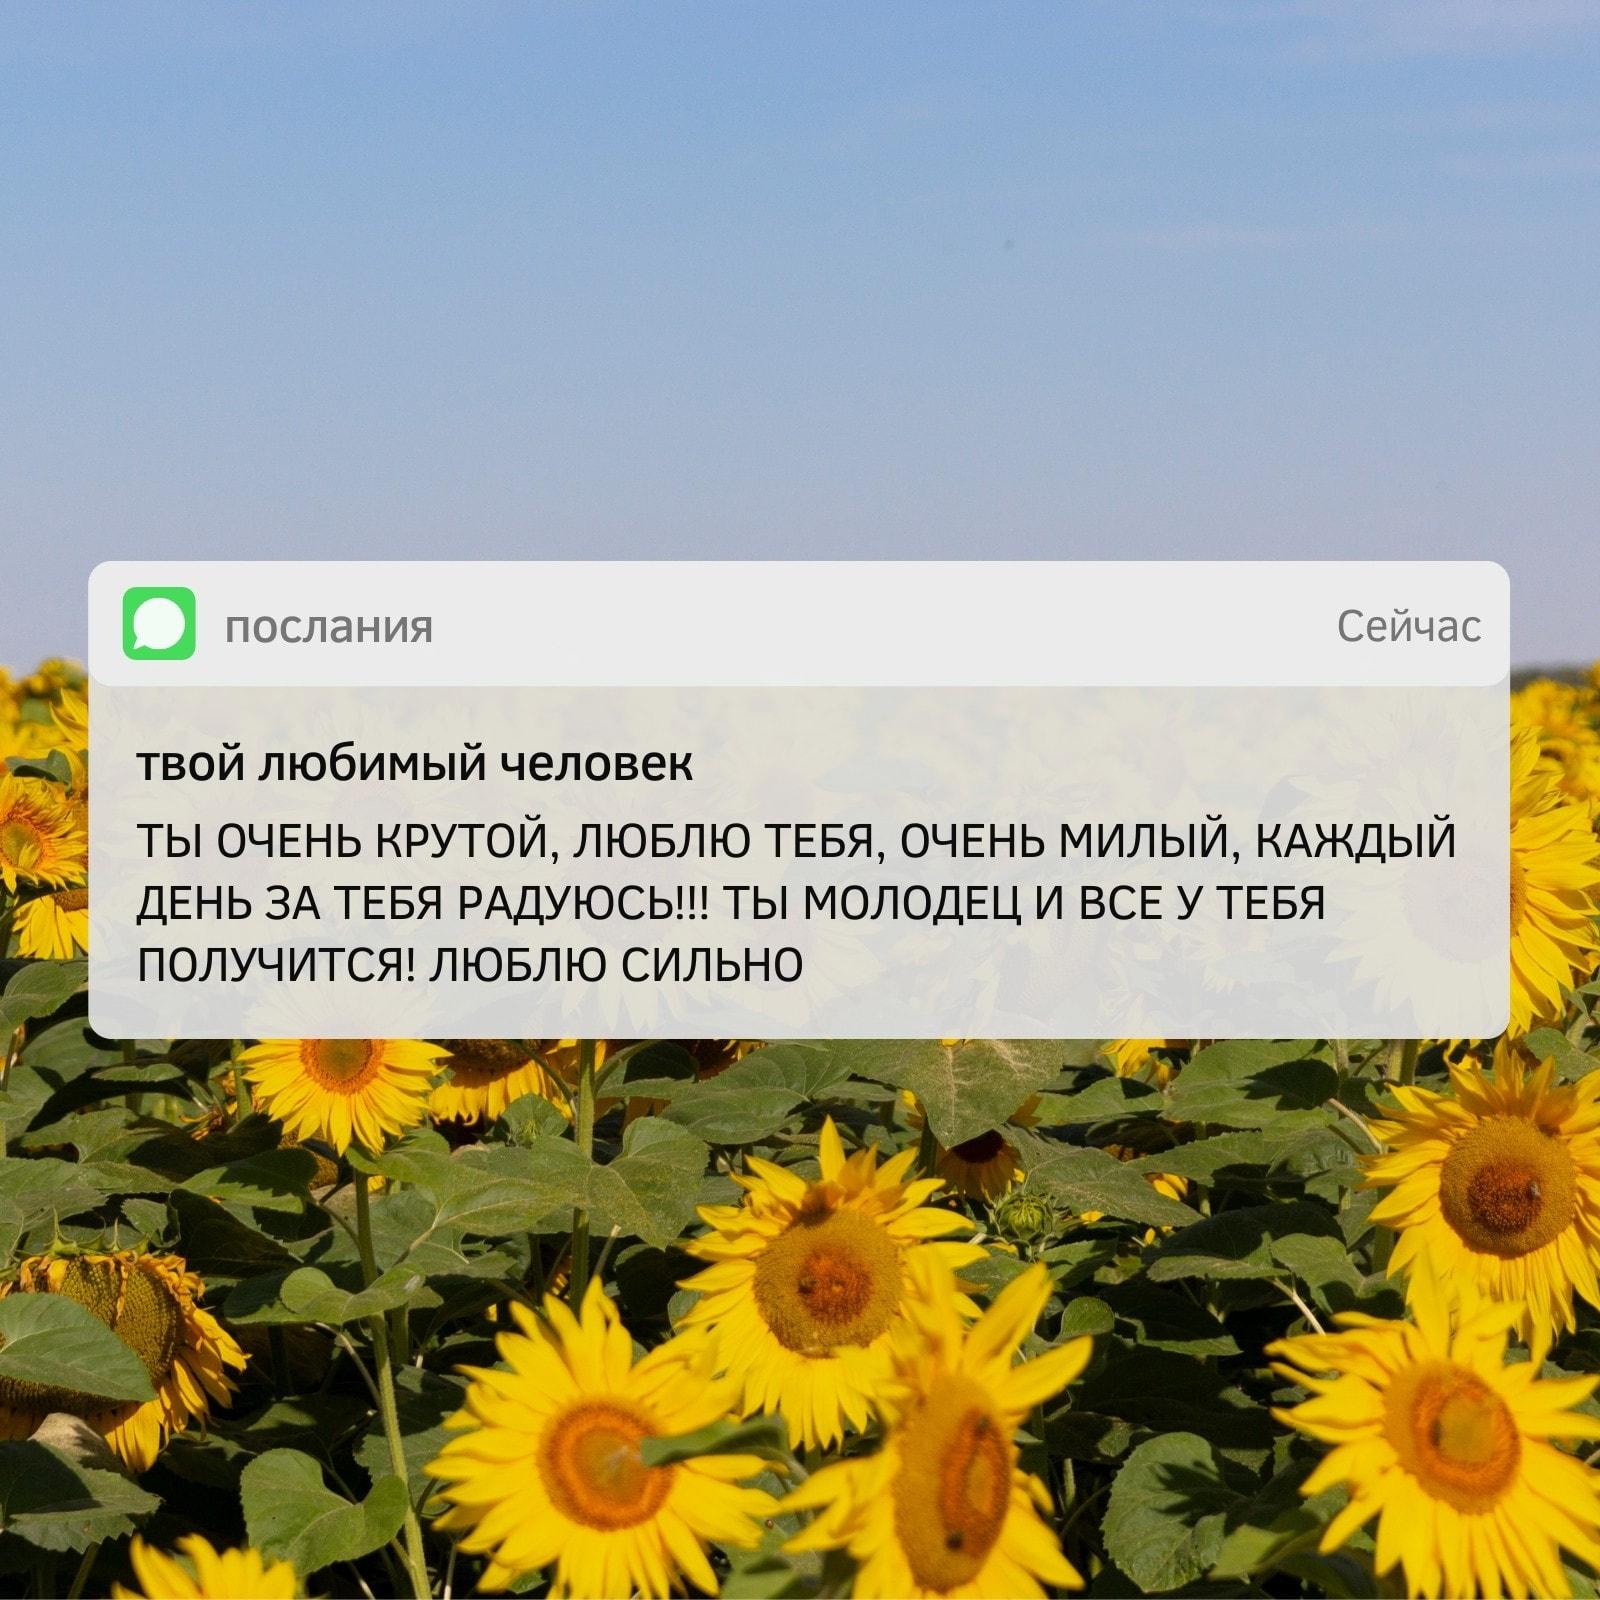 Подсолнухи Телефон Интерфейс / Уведомление Квадрат Вдохновляющий Мем